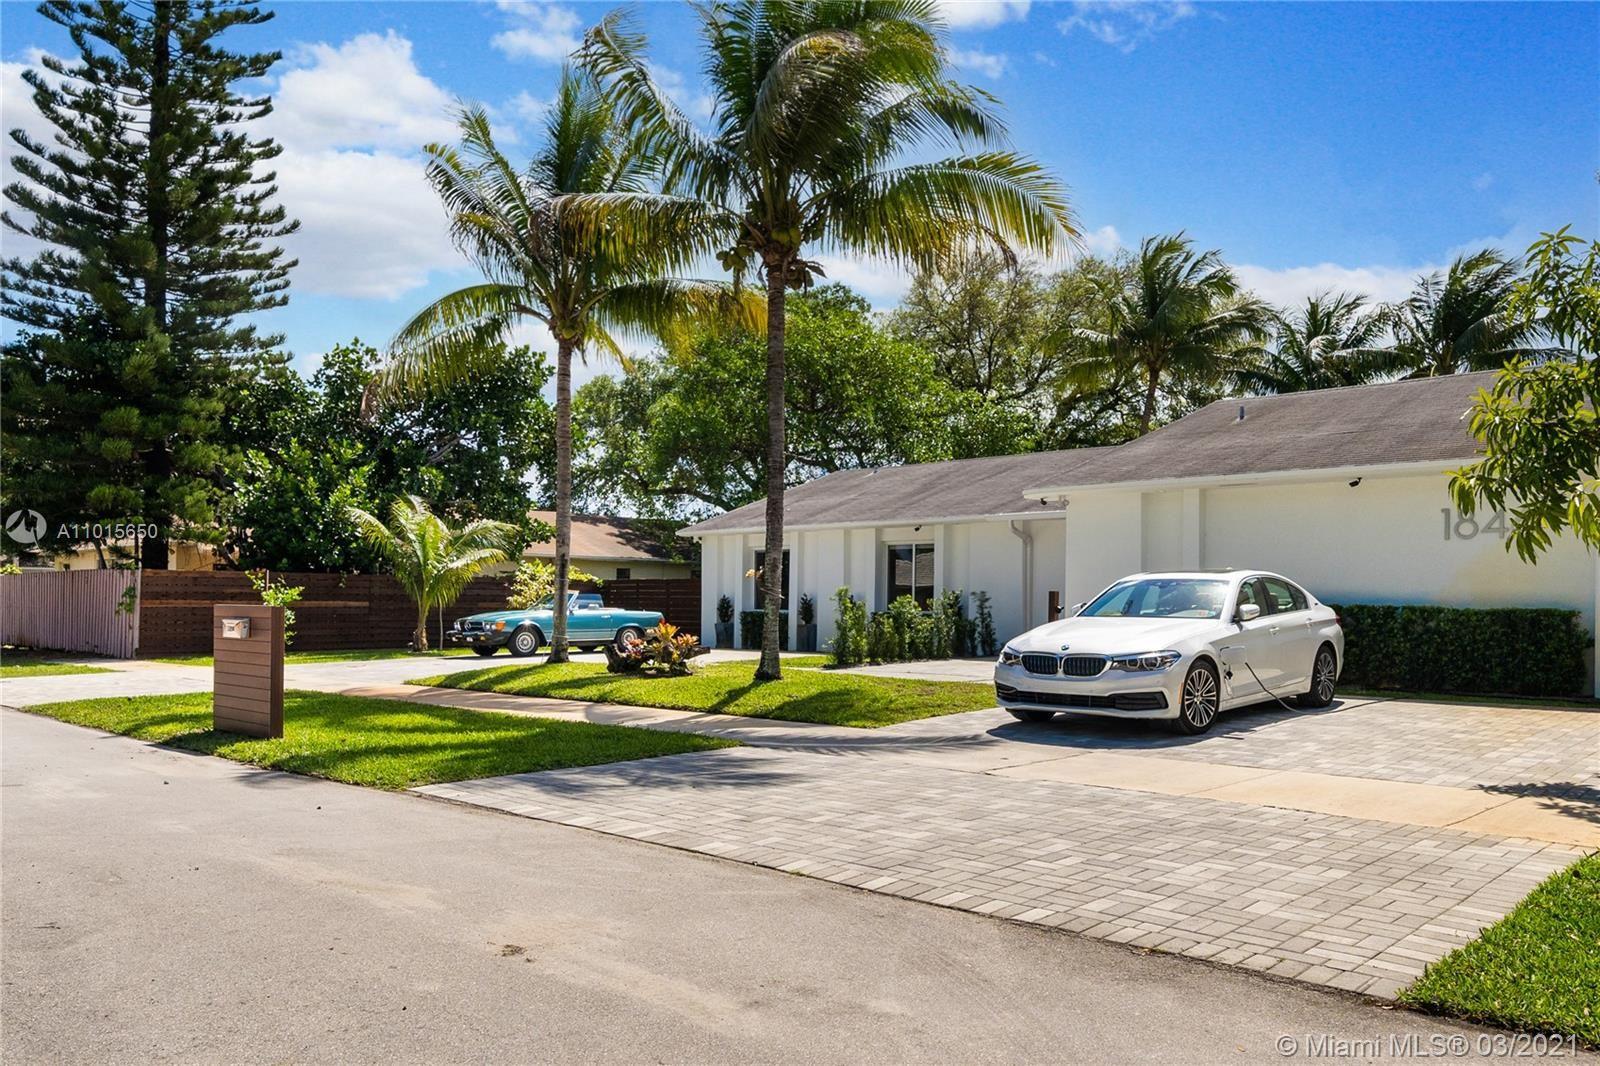 1846 NE 211th Ln, Miami, FL 33179 - #: A11015650